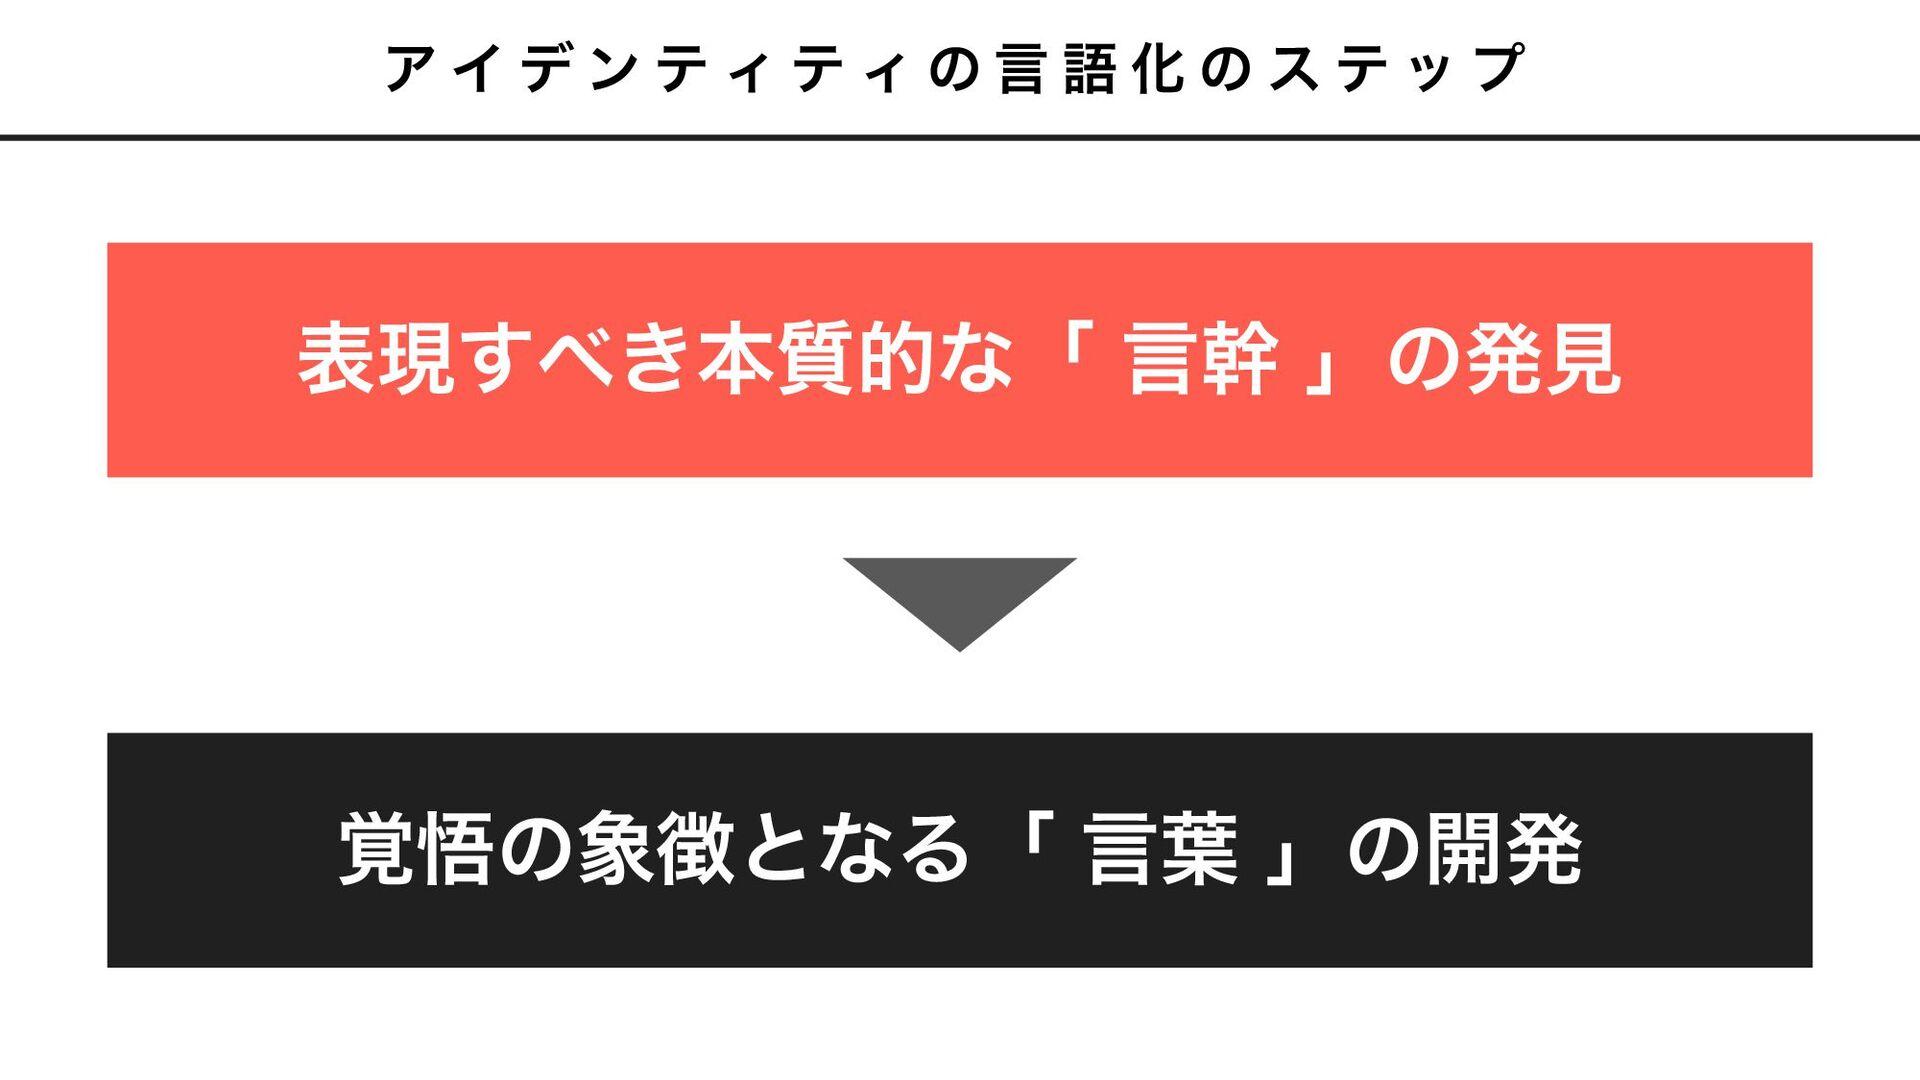 CO- ཧ೦ͷ ॏͳΓ SIGN ݸਓཧ೦ ݸਓͷ֮ޛͷ બͷಈػɾج४ ͳͥݸਓʹ֮...